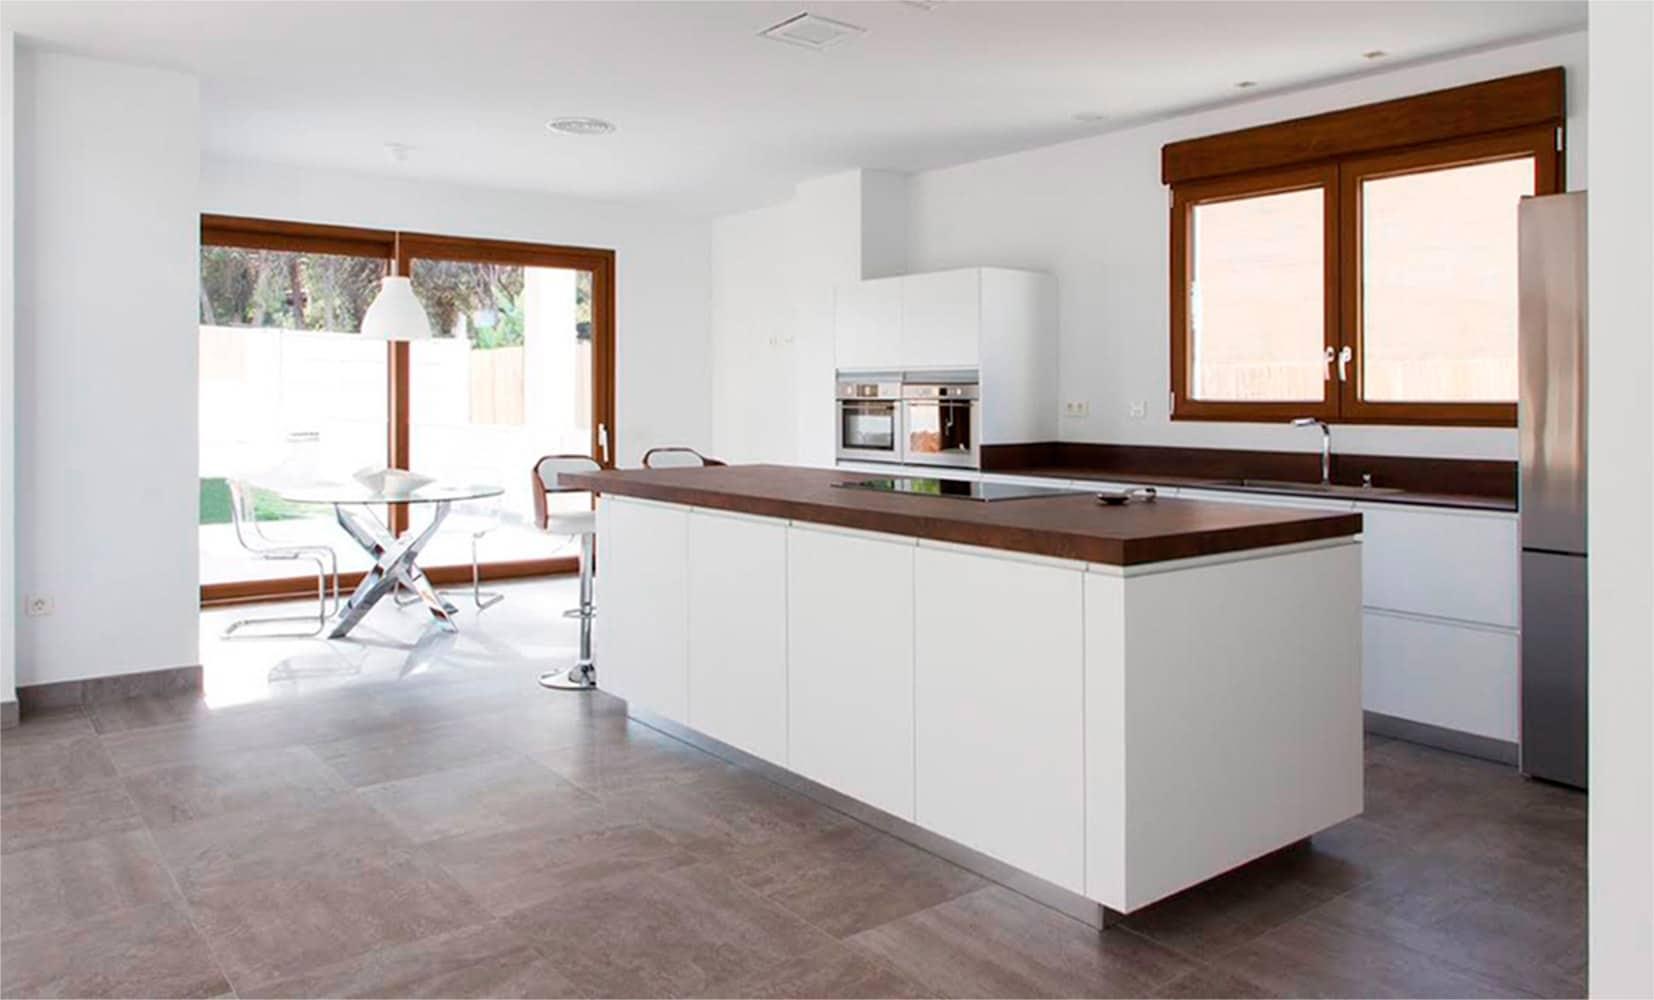 Cocina en color blanco con encimera Neolith color Iron Corten. El color blanco es la opción más elegida para la cocina.